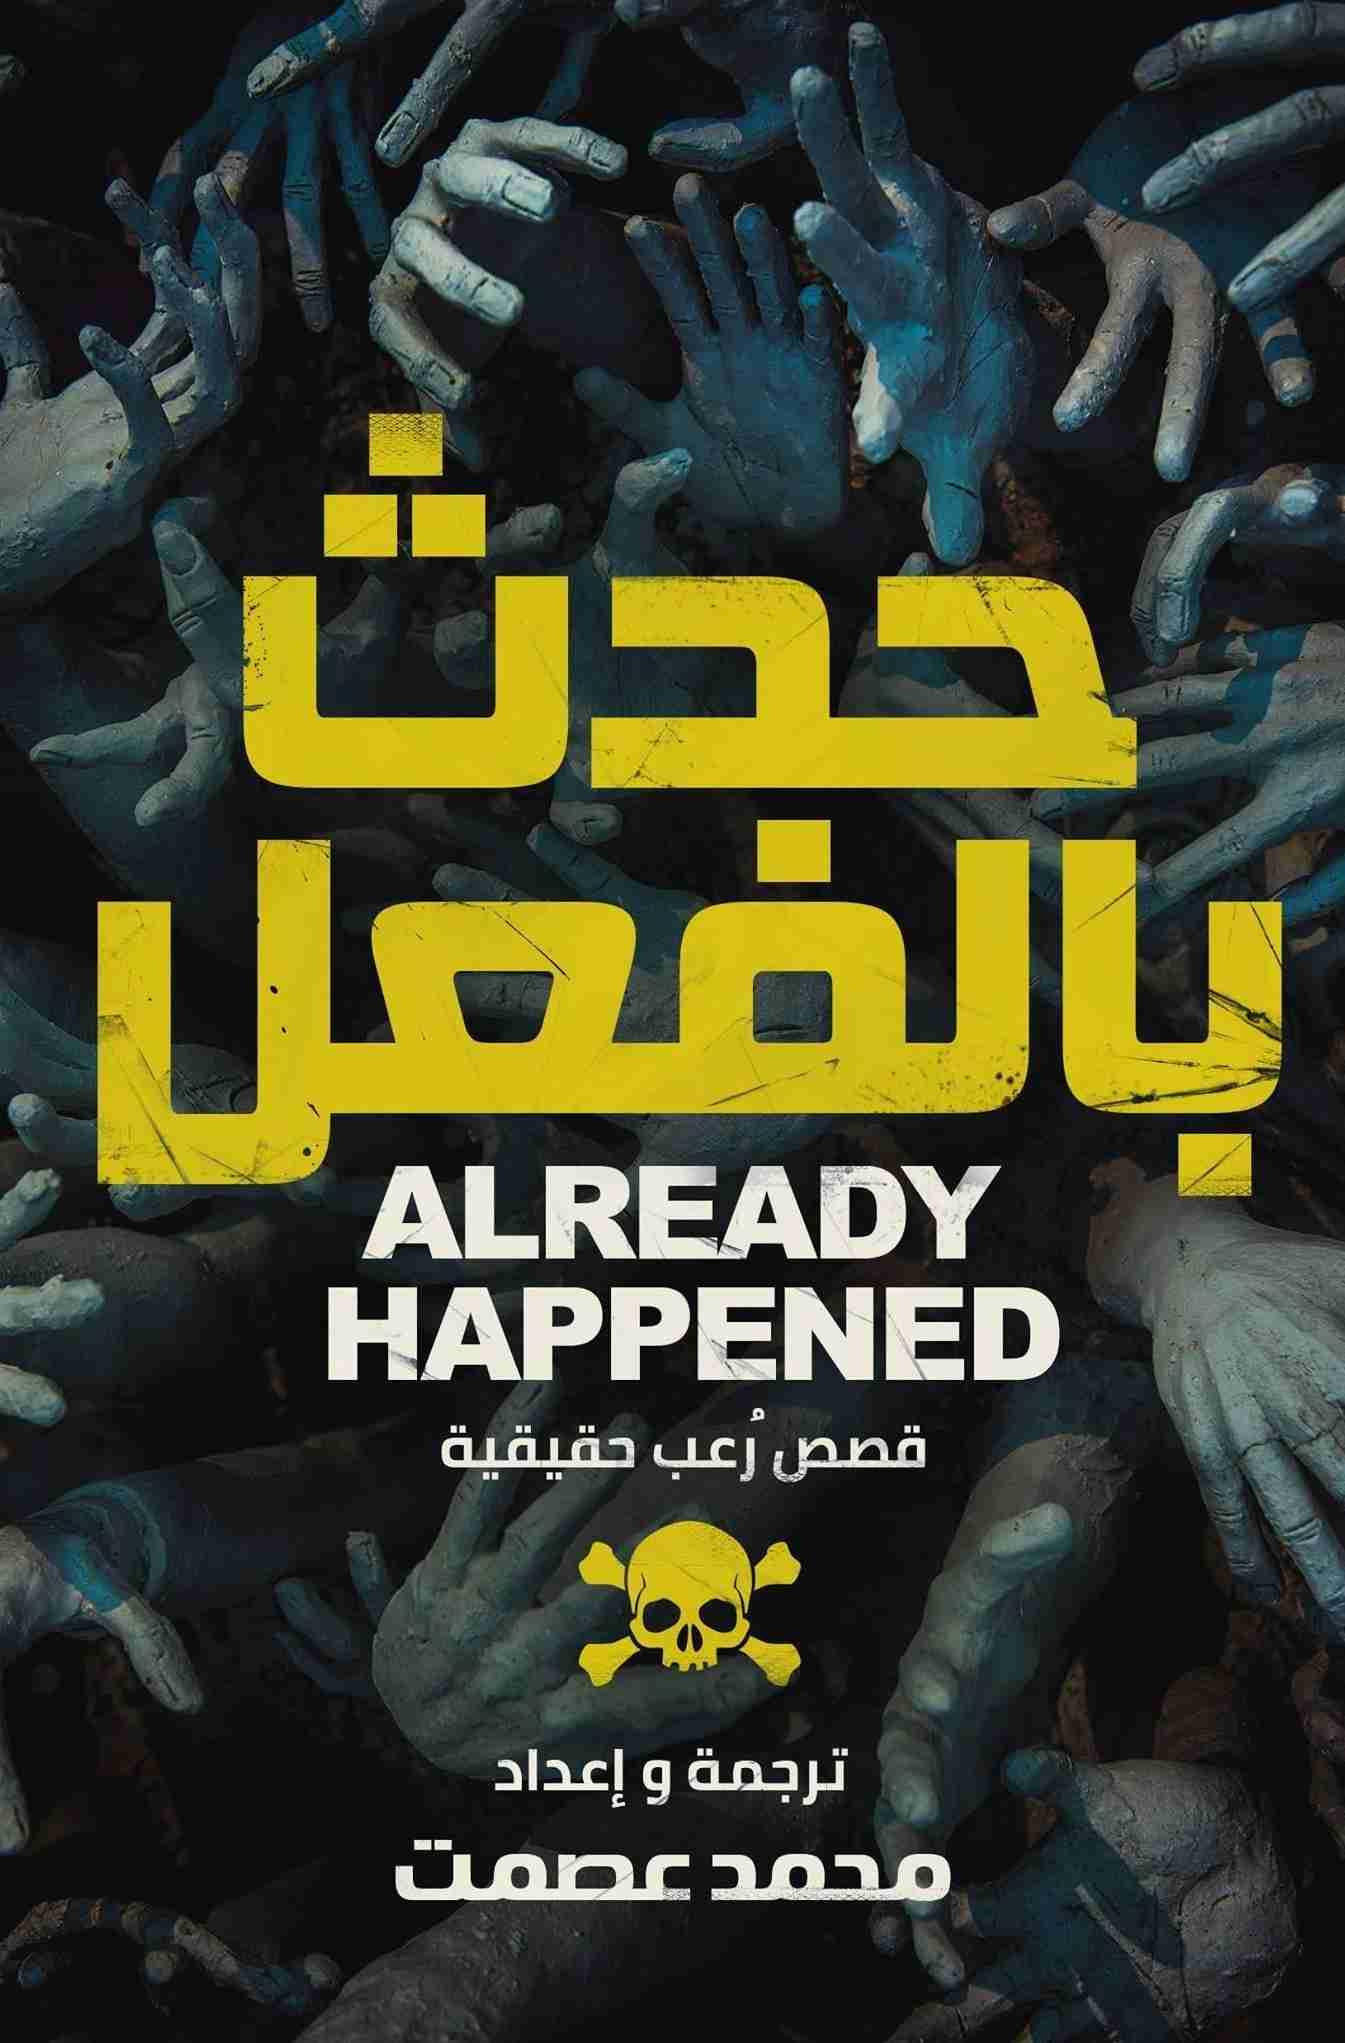 رواية حدث بالفعل لـ محمد عصمت